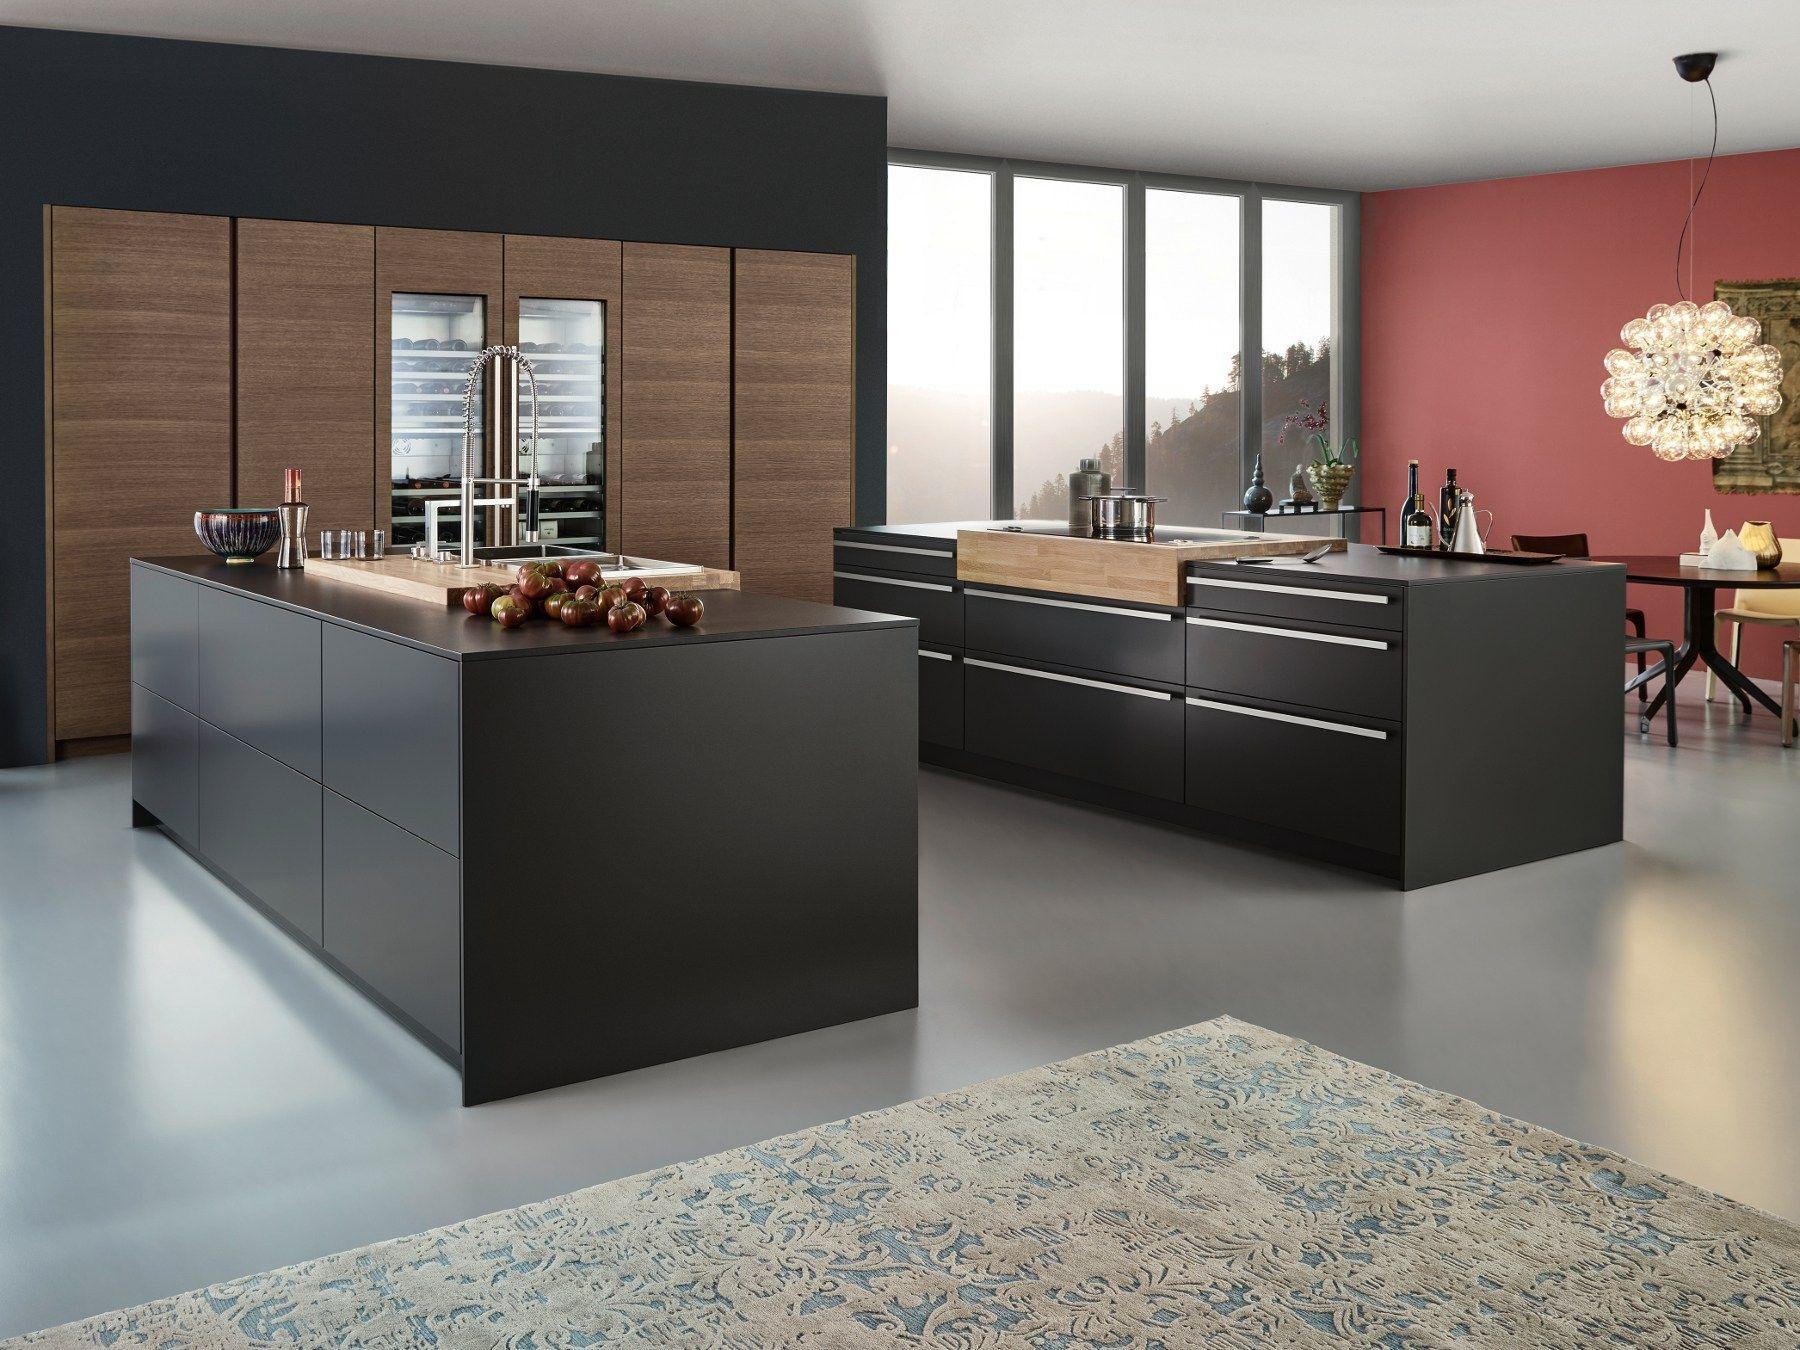 LEICHT Küchen | Modern kitchen design for contemporary living ... | {Leicht küchen logo 62}